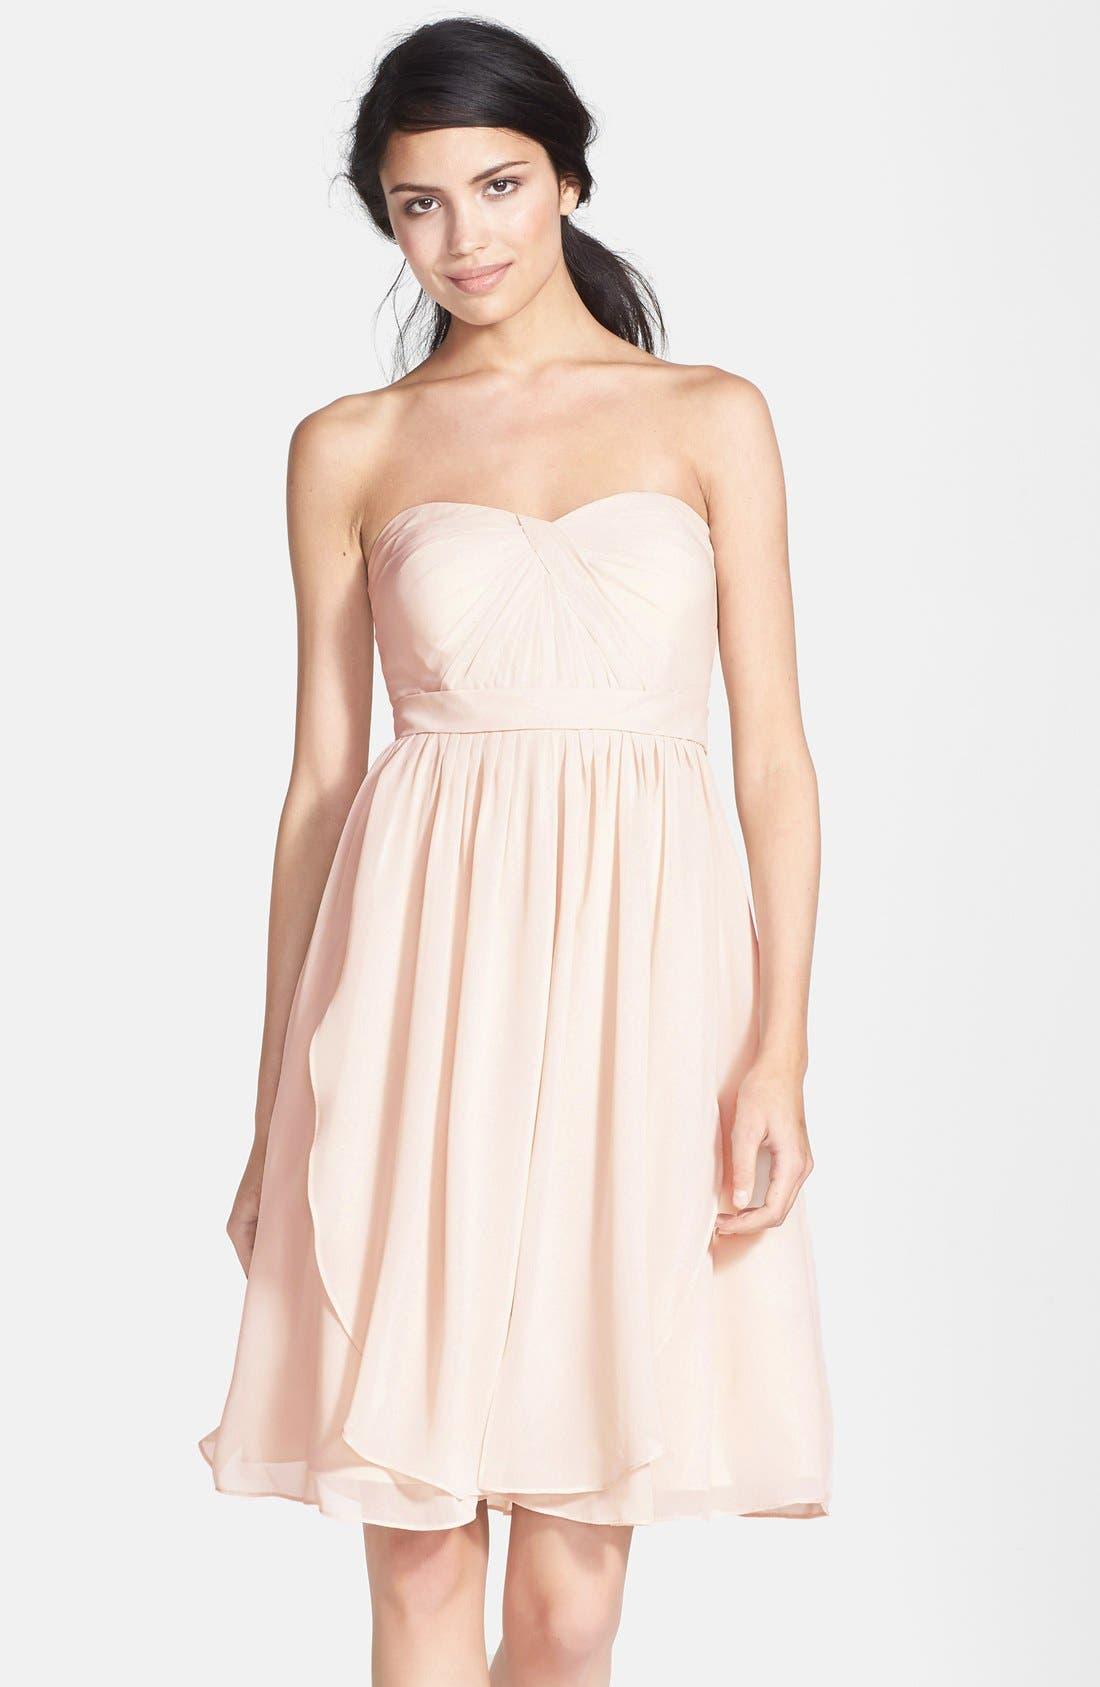 Main Image - Jenny Yoo 'Keira' Convertible Strapless Chiffon Dress